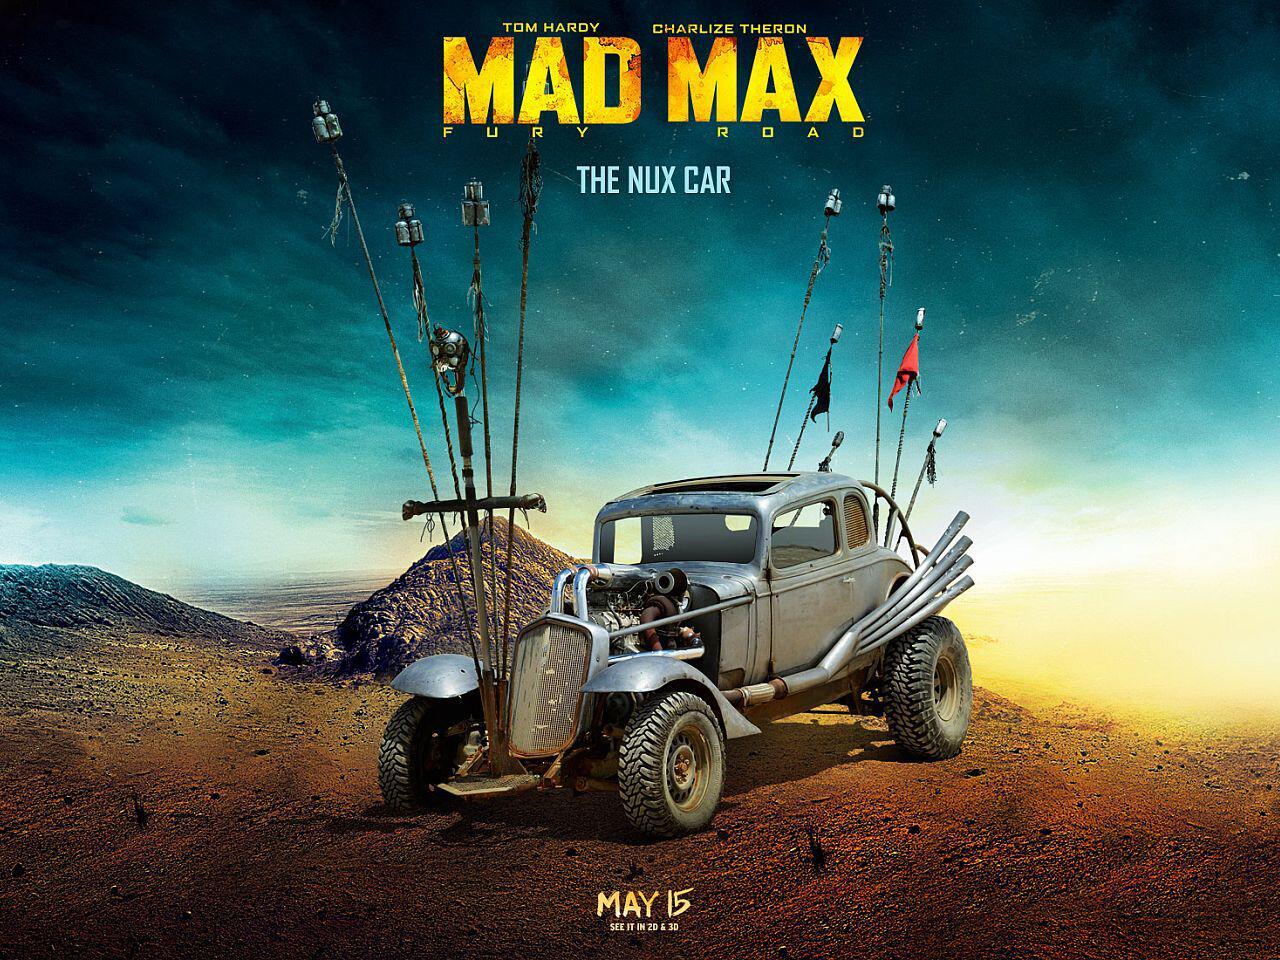 Bild zu The Nux Car